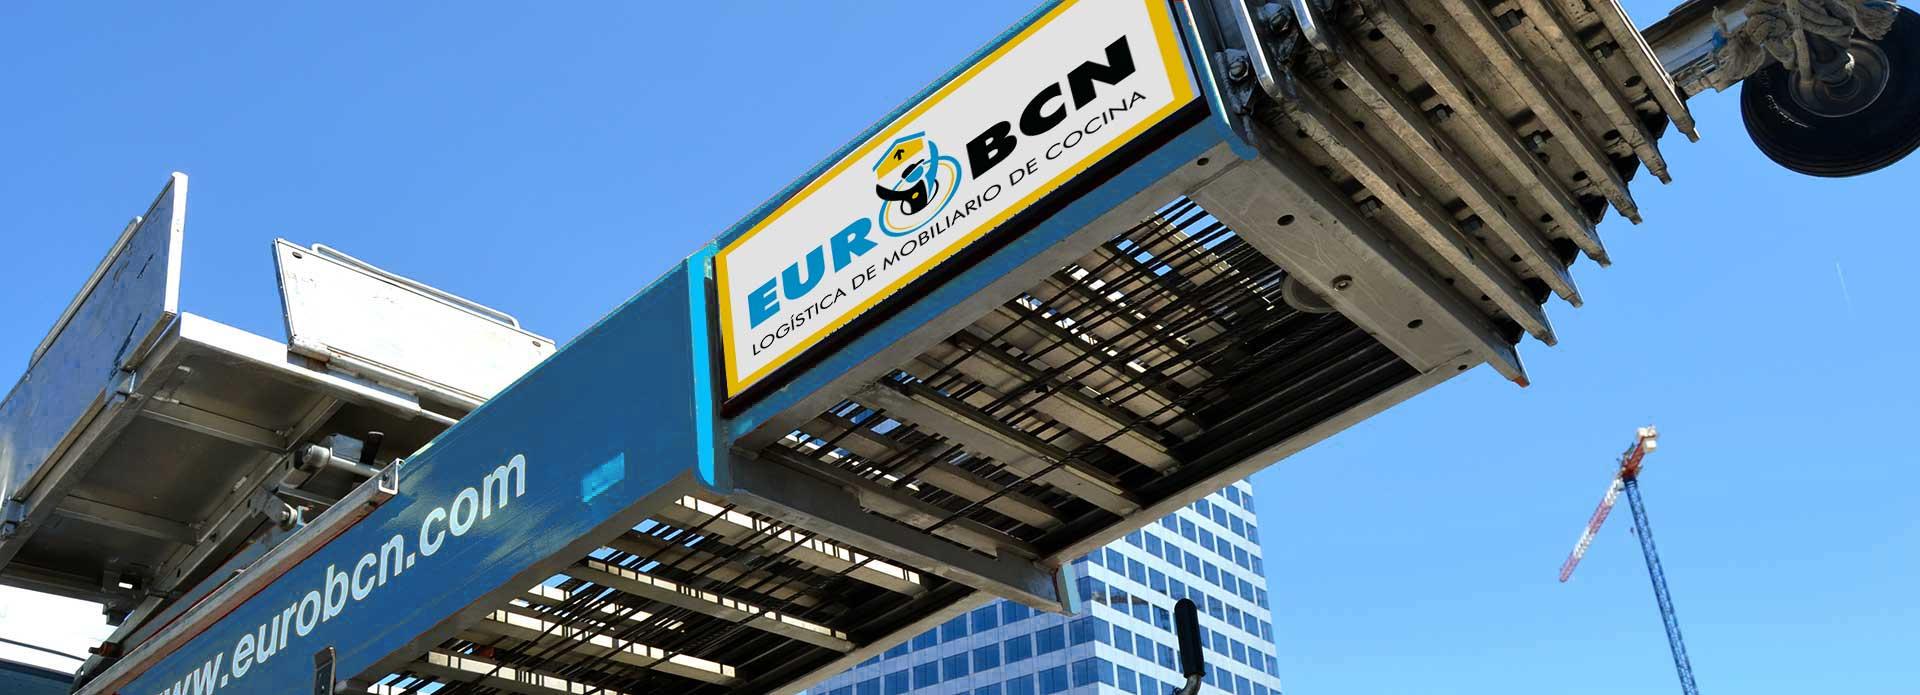 eurobcn_elevador_slide_inicio_02